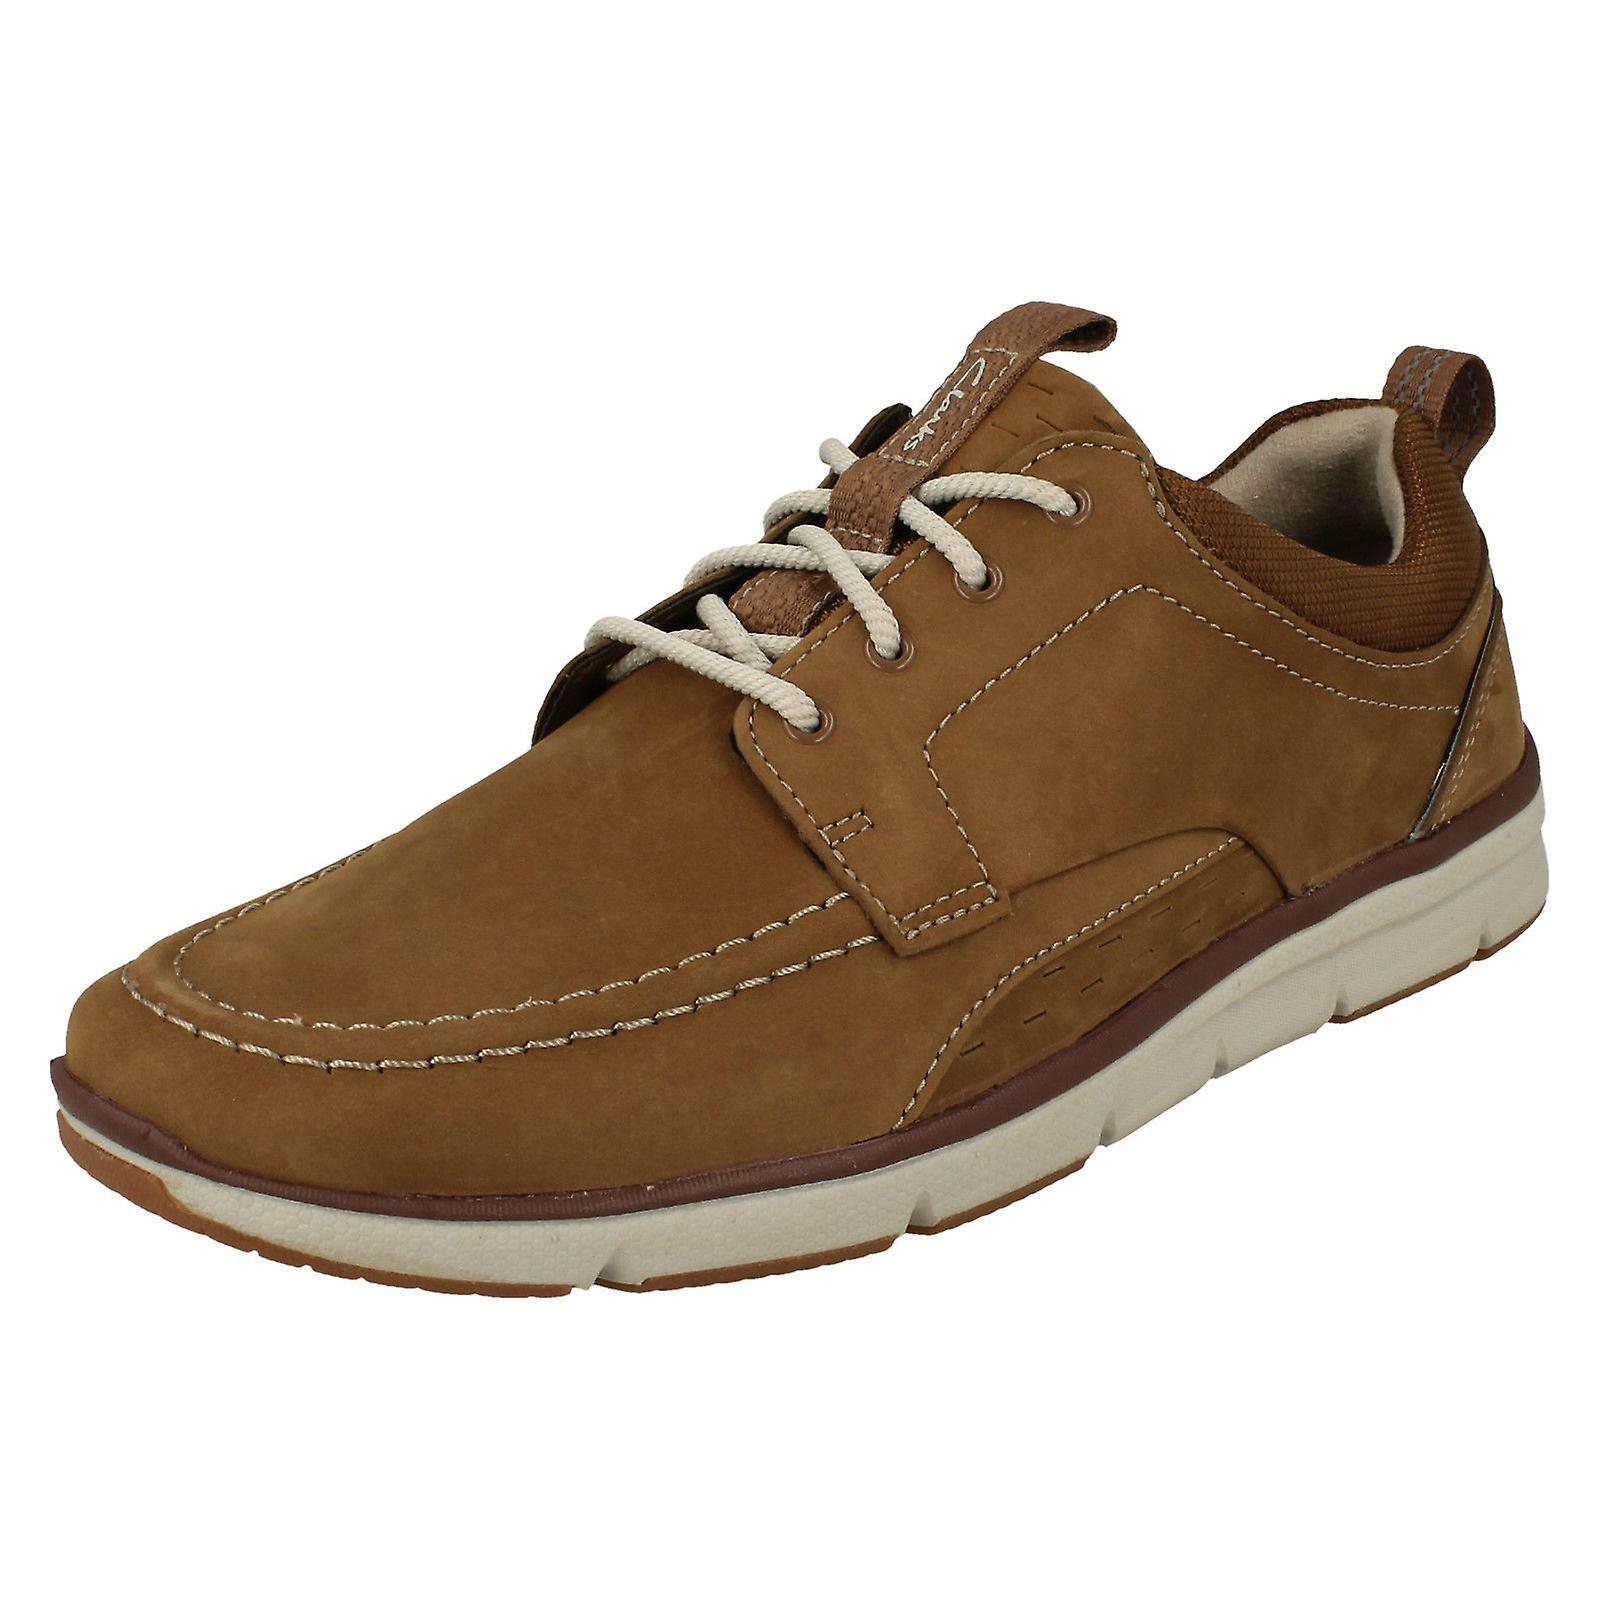 Bay Orson scarpe con lacci Casual Mens Clarks | qualità regina  | Scolaro/Ragazze Scarpa